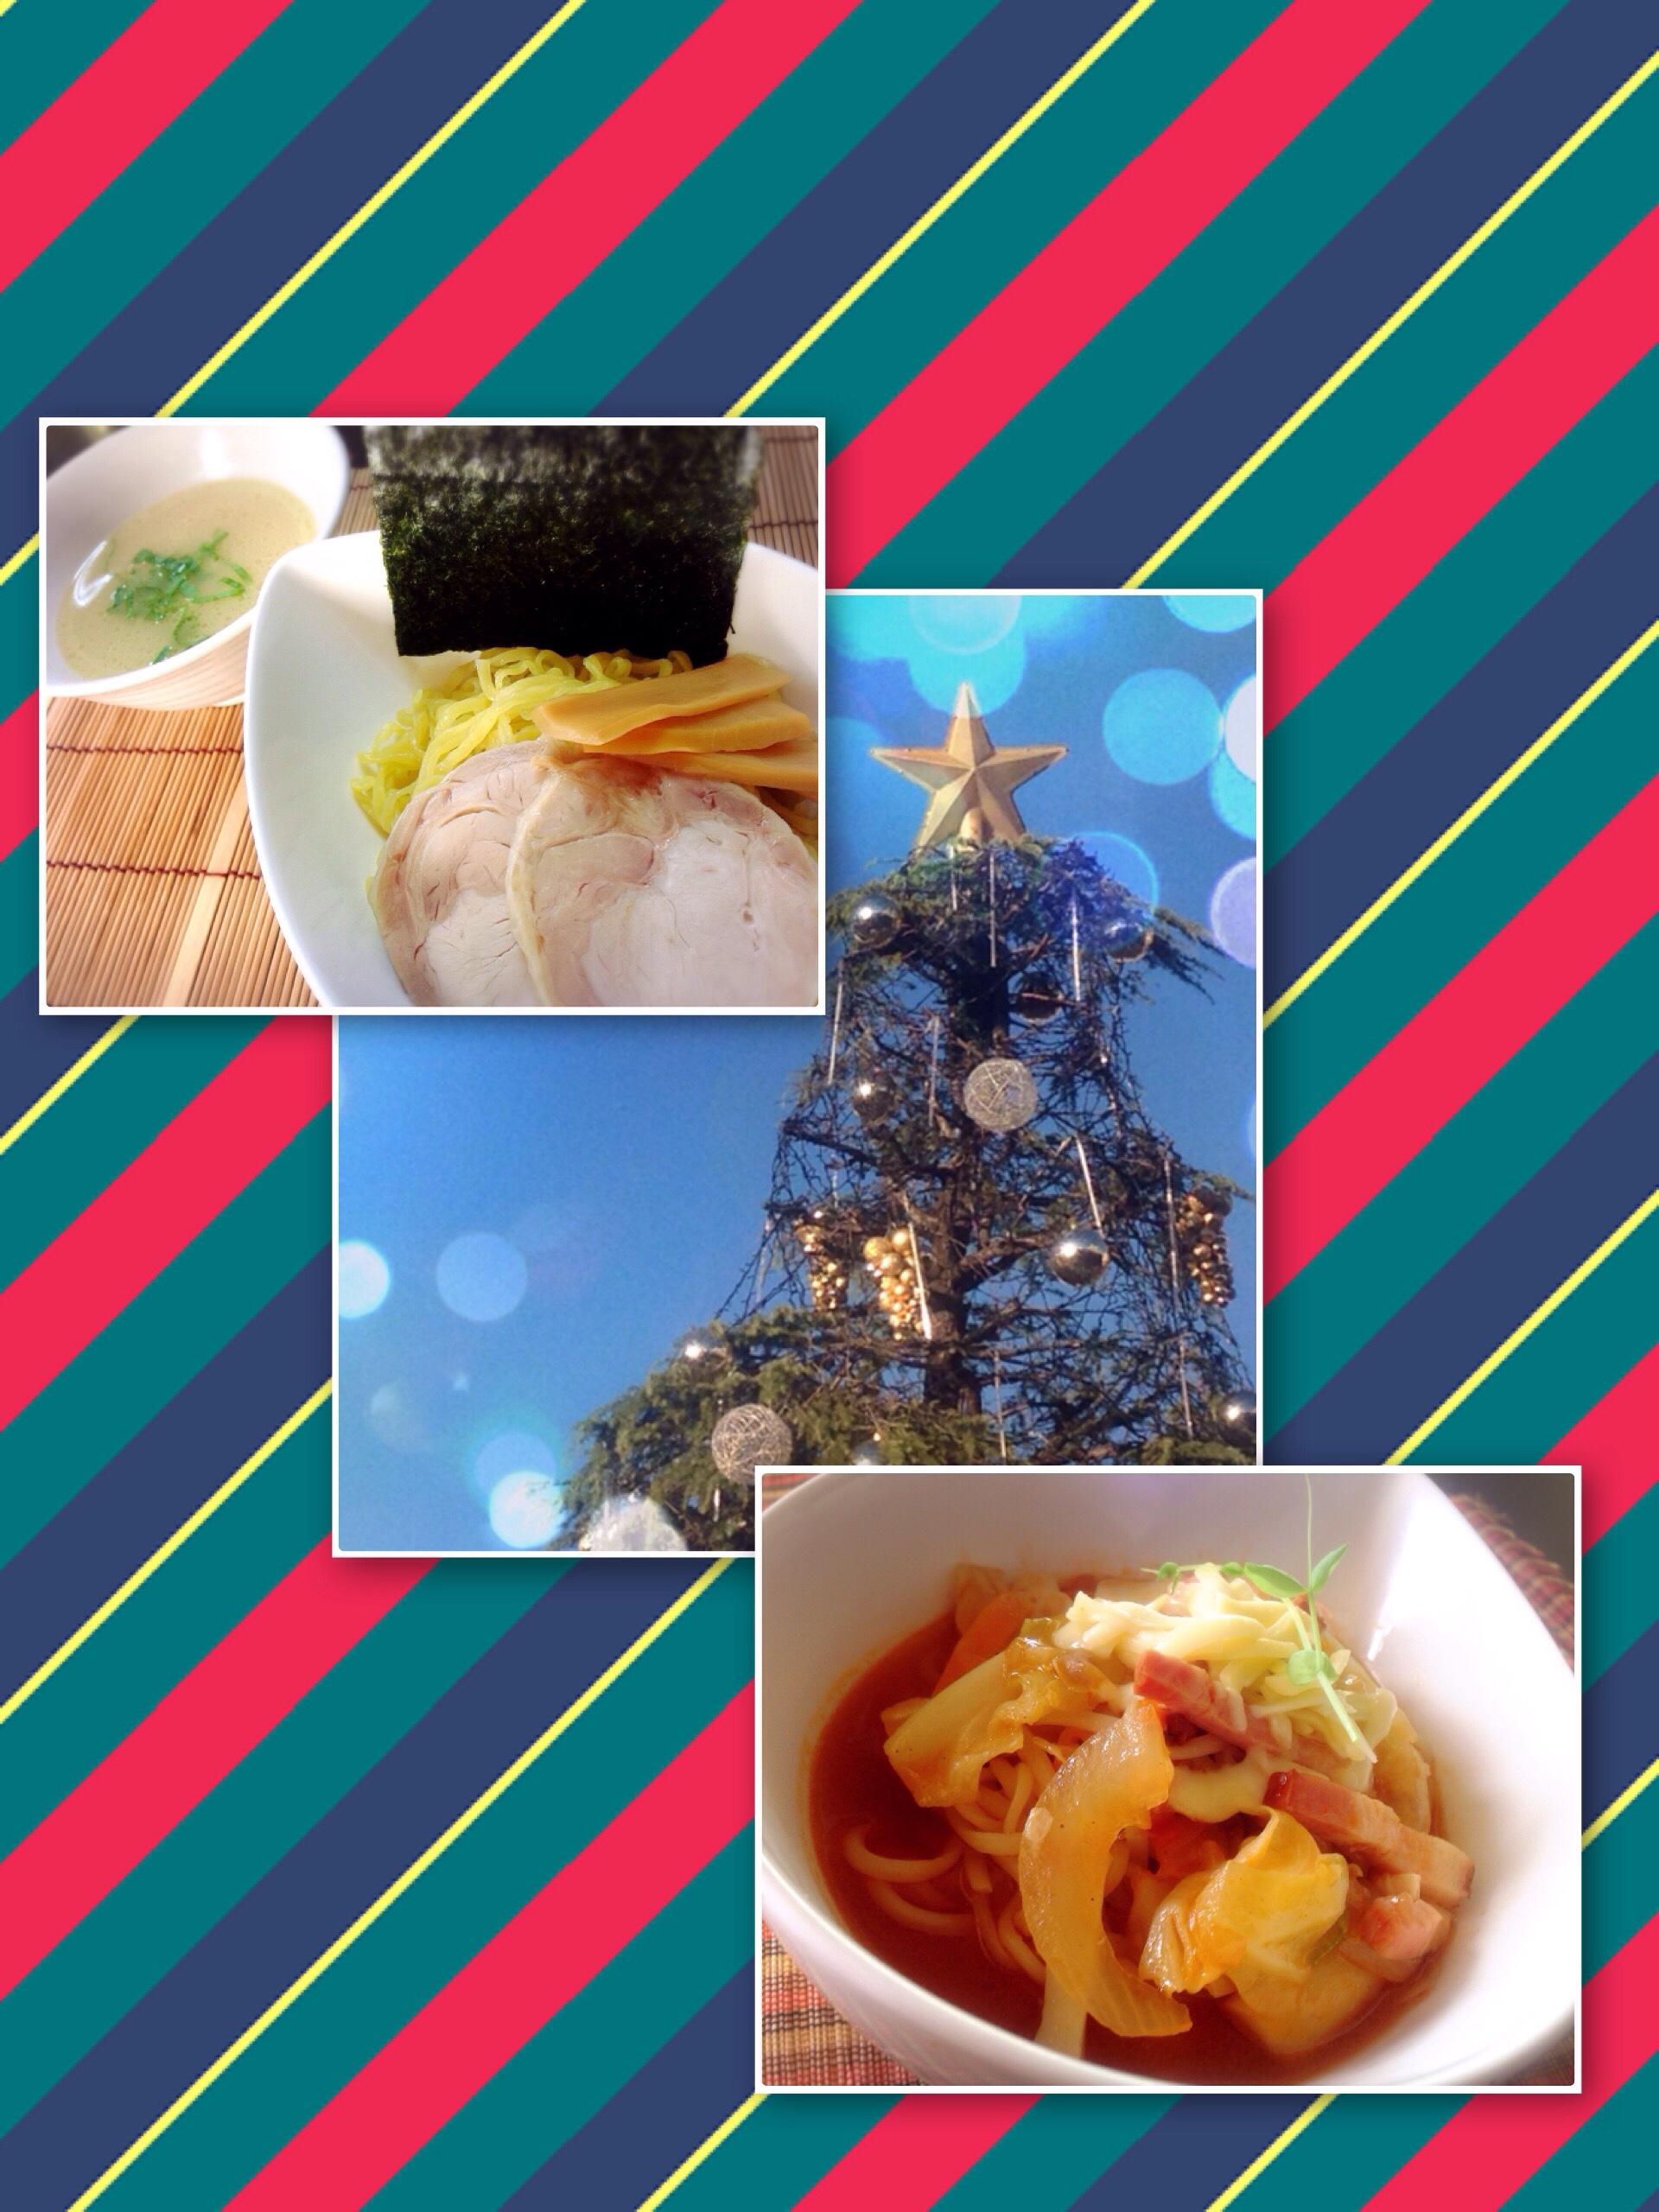 東京中野の老舗製麺会社大成食品株式会社クリスマス直売のご案内